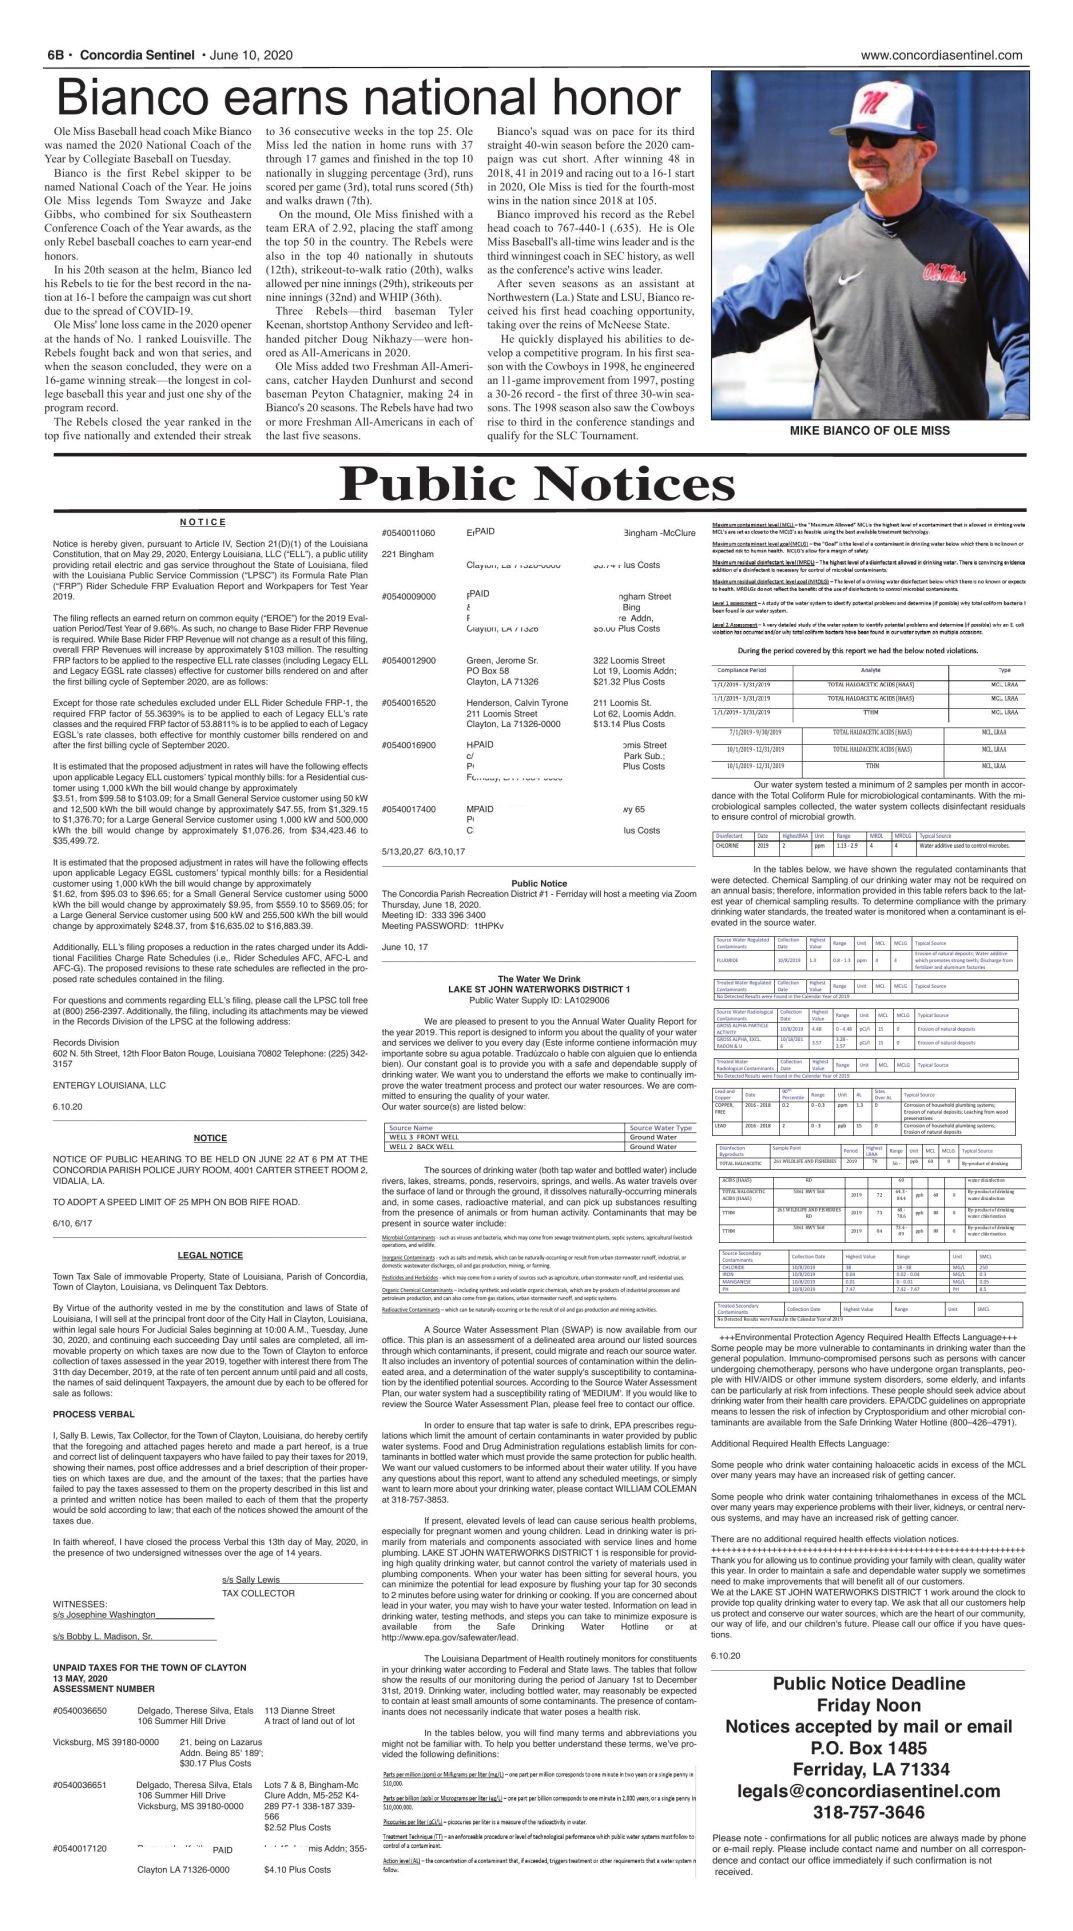 Public Notices - June 10, 2020